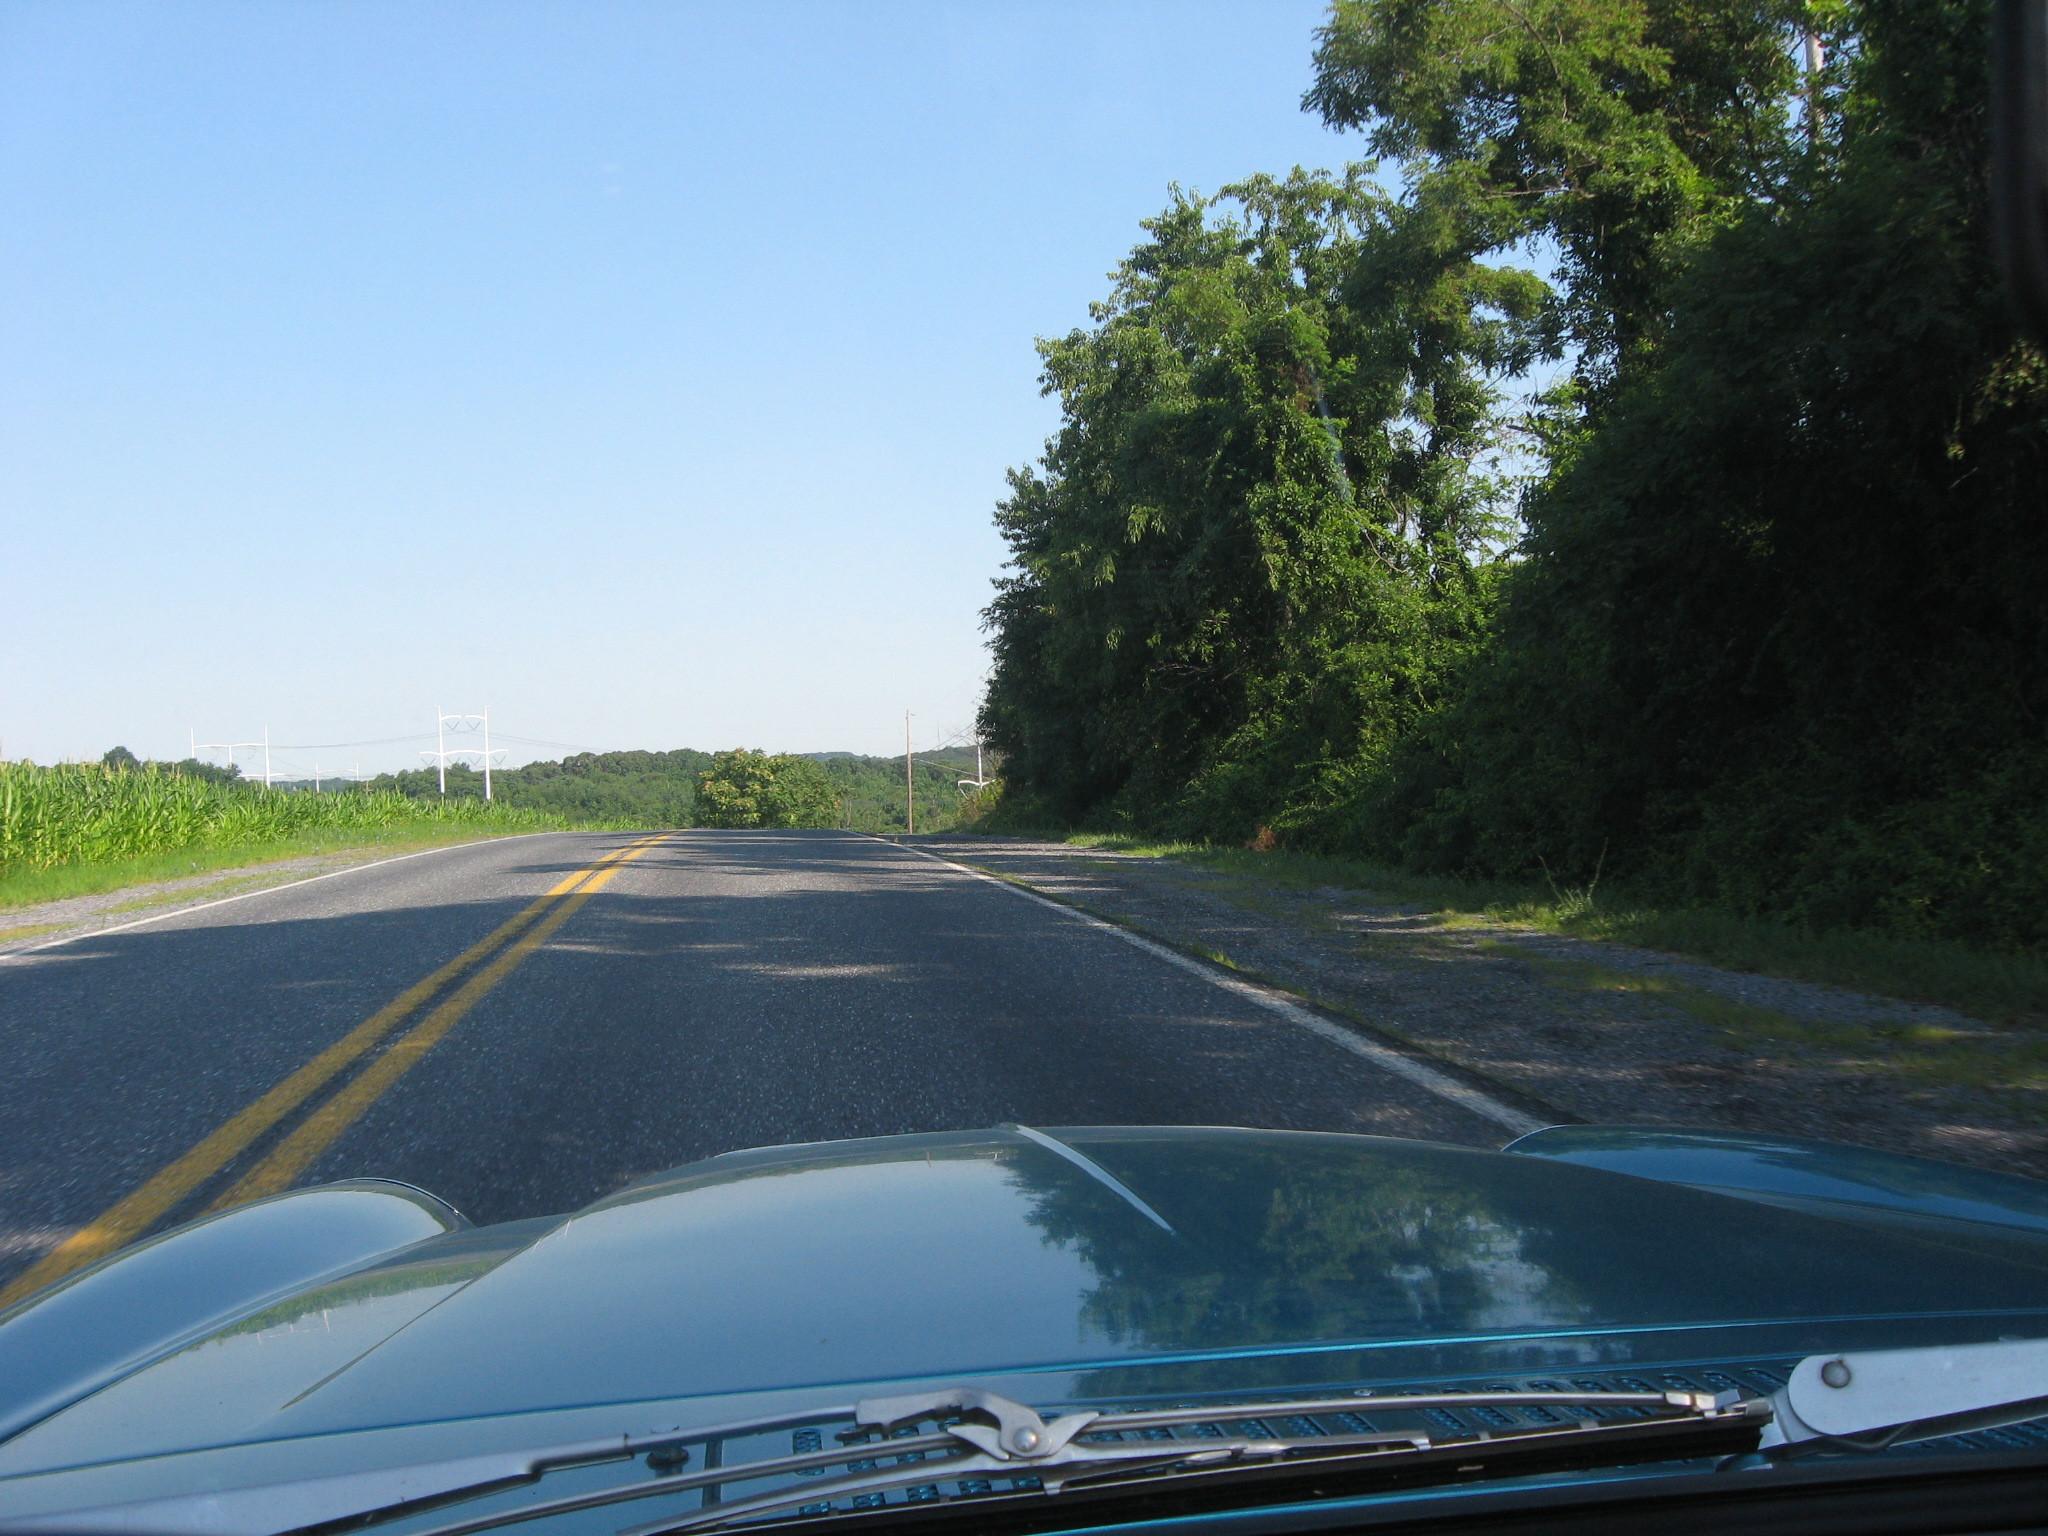 1968 Datsun 1600 roadster driving open road